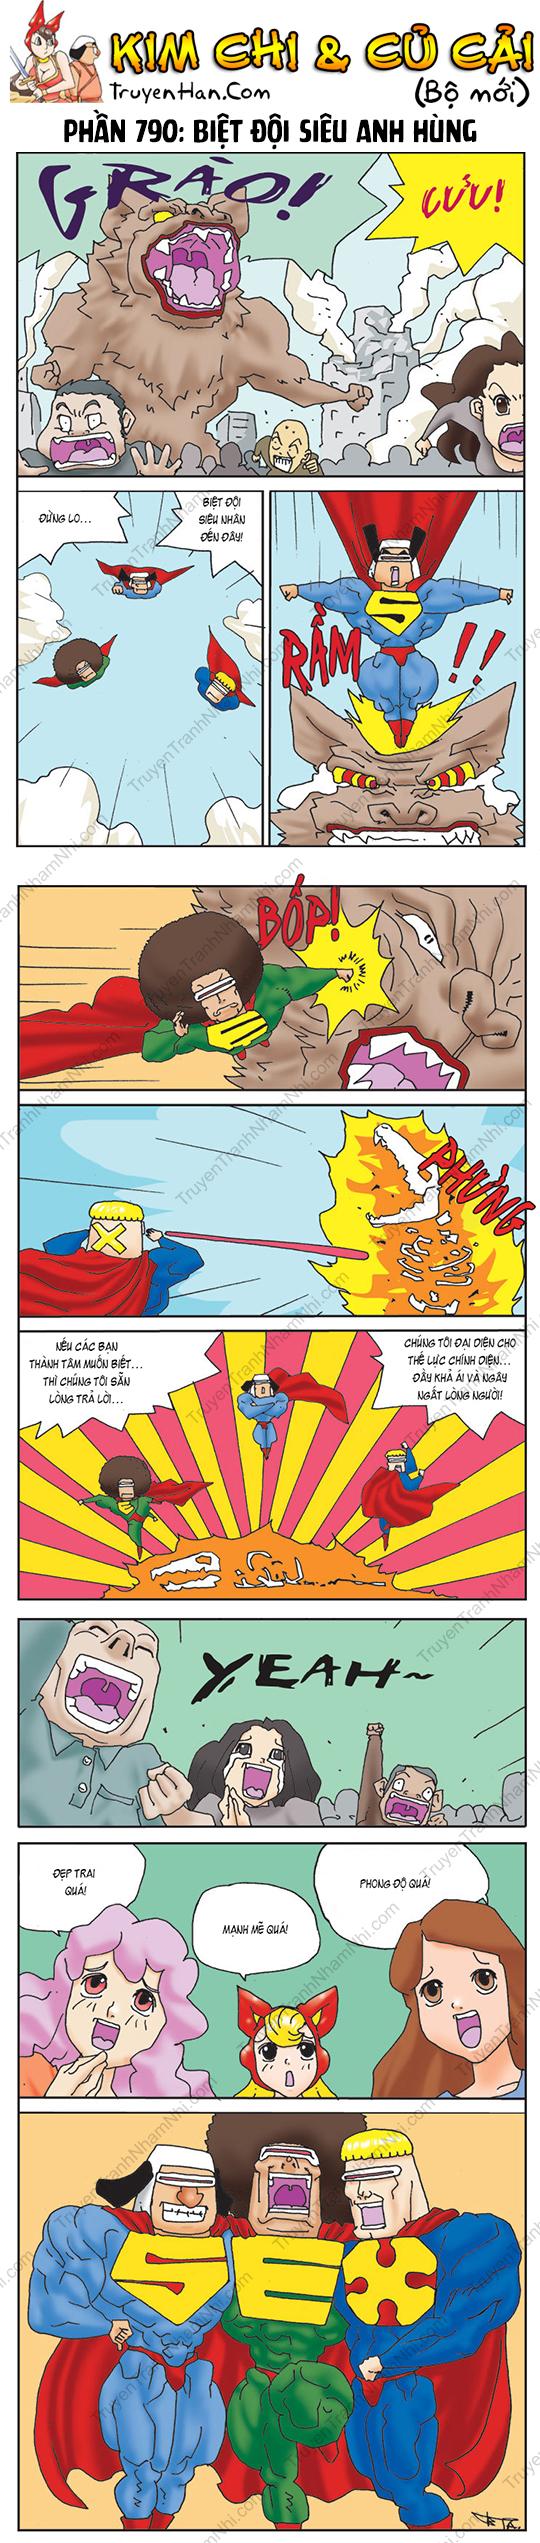 Kim Chi Và Củ Cải Phần 790: Biệt đội siêu anh hùng